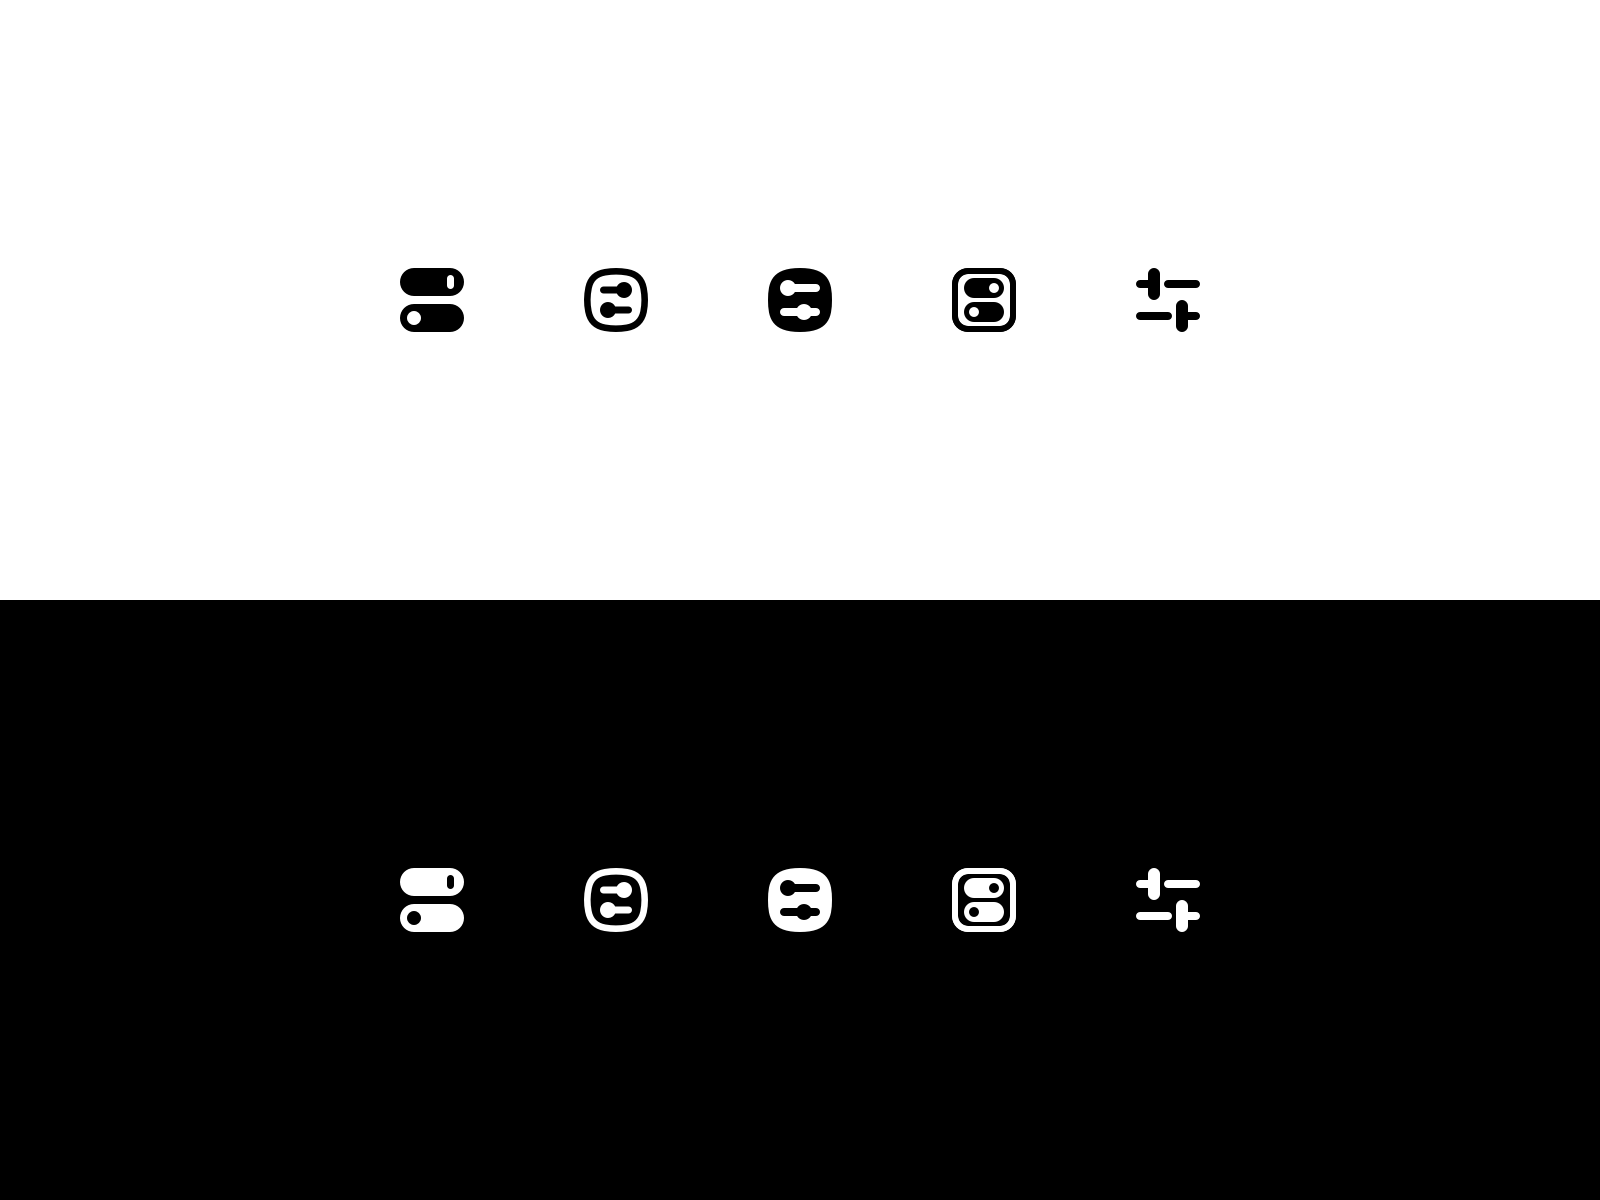 Menubar icons 4x